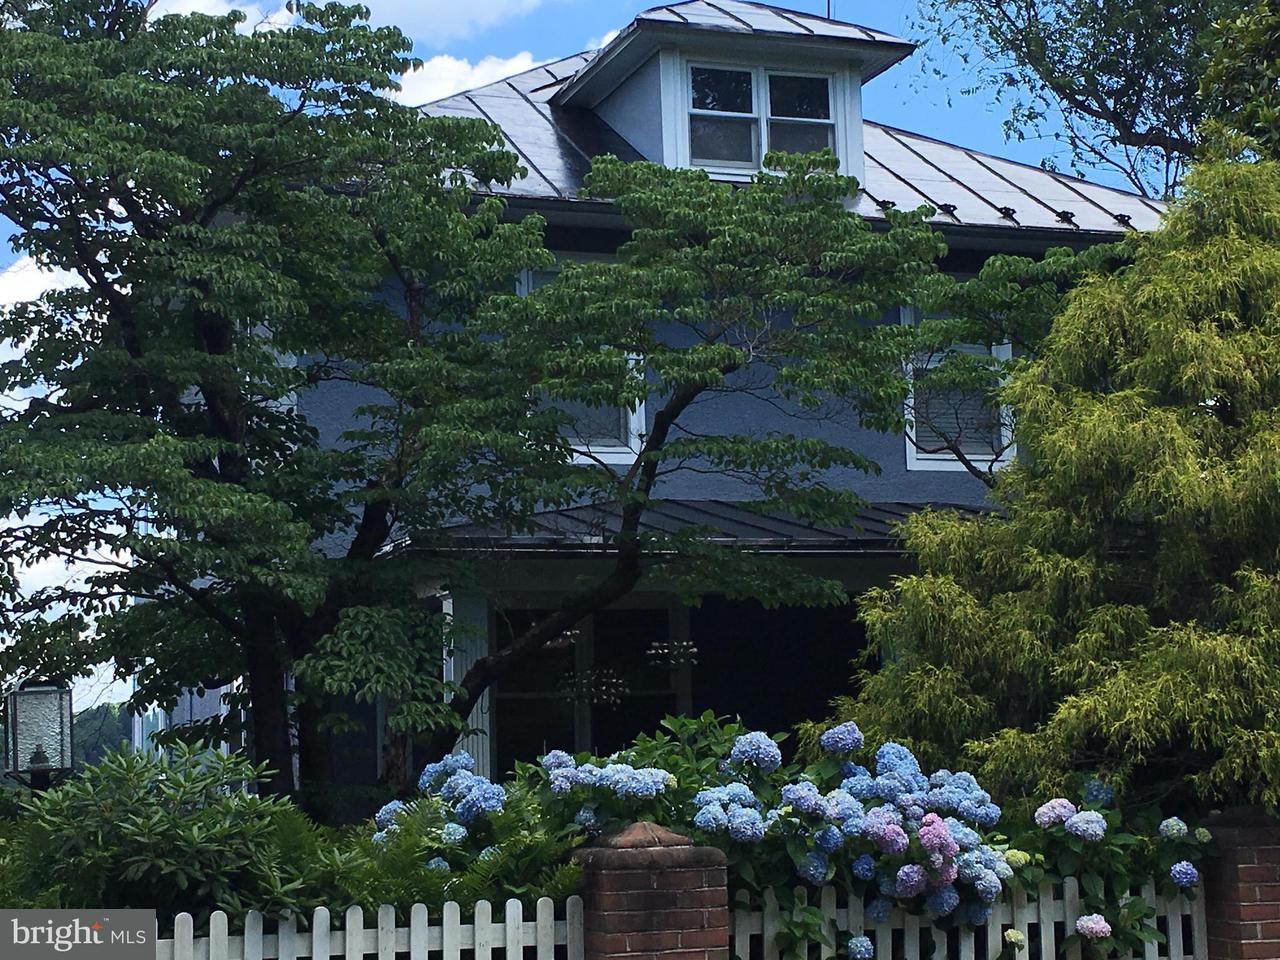 獨棟家庭住宅 為 出售 在 790 RIDGE ST E 790 RIDGE ST E Harpers Ferry, 西佛吉尼亞州 25425 美國